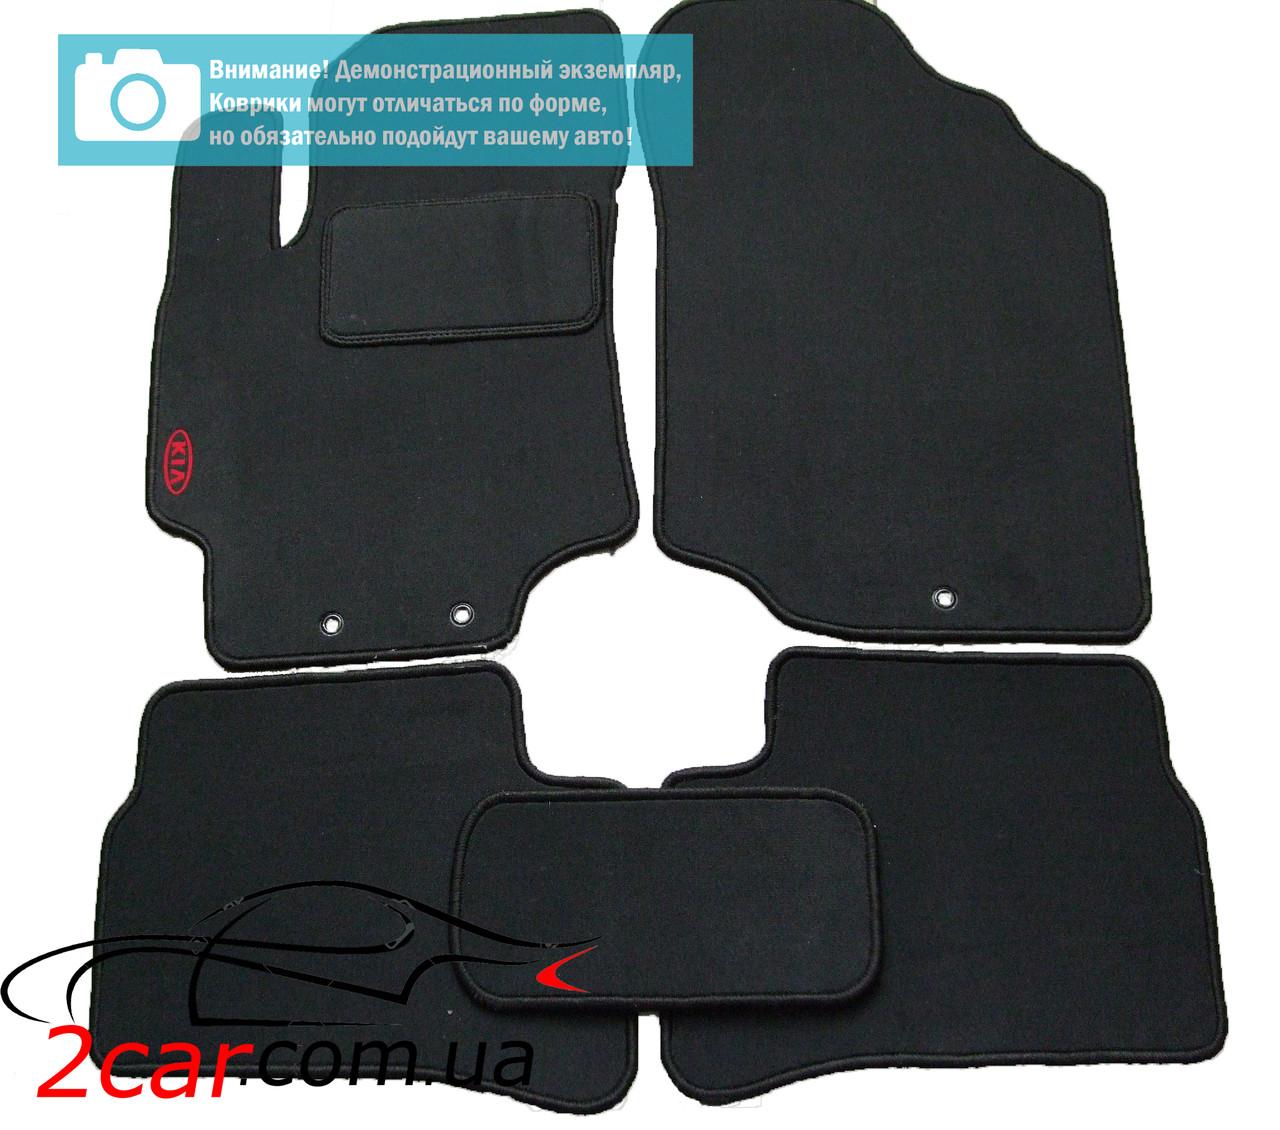 Текстильные коврики в салон для Volkswagen CC (2013-) (чёрный) (StingrayUA)